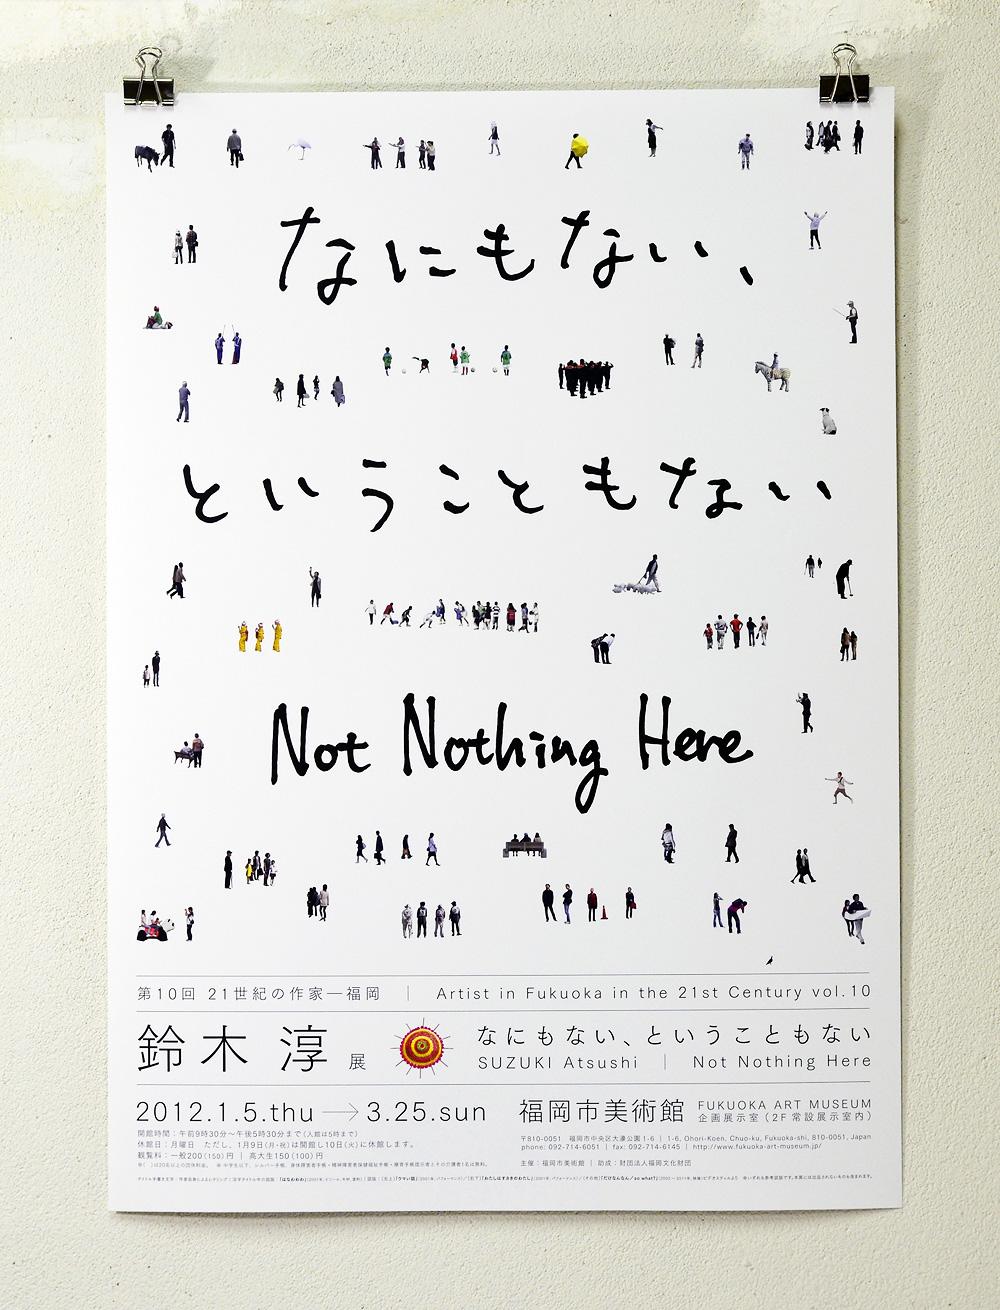 第10回21世紀の作家―福岡 鈴木淳展 なにもない、ということもない